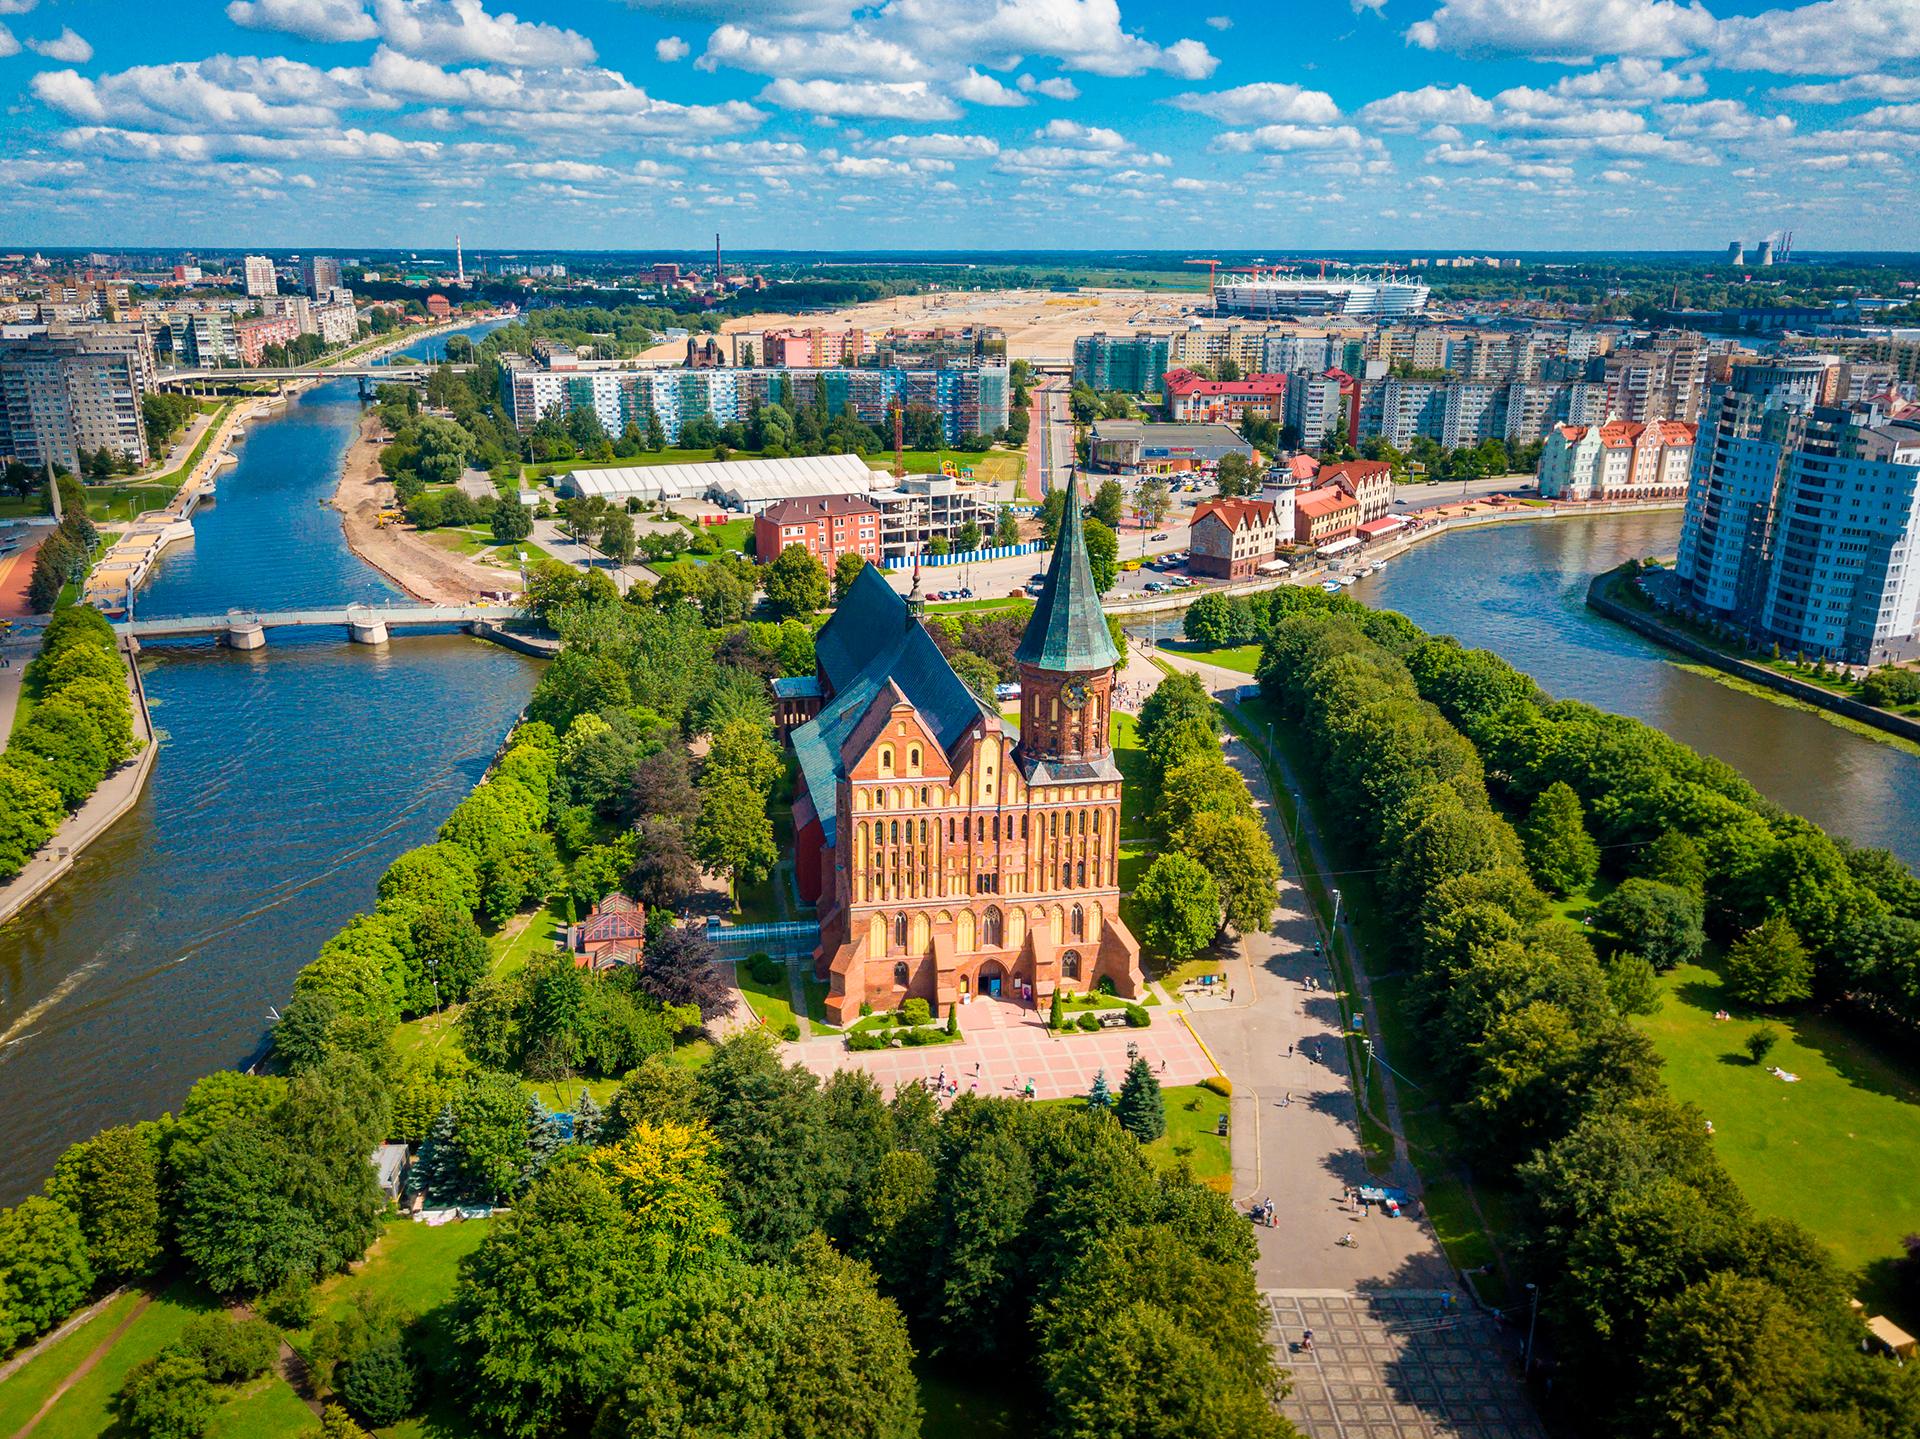 La ciudad rusa que está a 600 kilómetros de Rusia fue alemana durante siglos y está ubicada en medio del territorio de Polonia. Pero tras la Segunda Guerra Mundial fue entregada como un exclave de la Unión Soviética